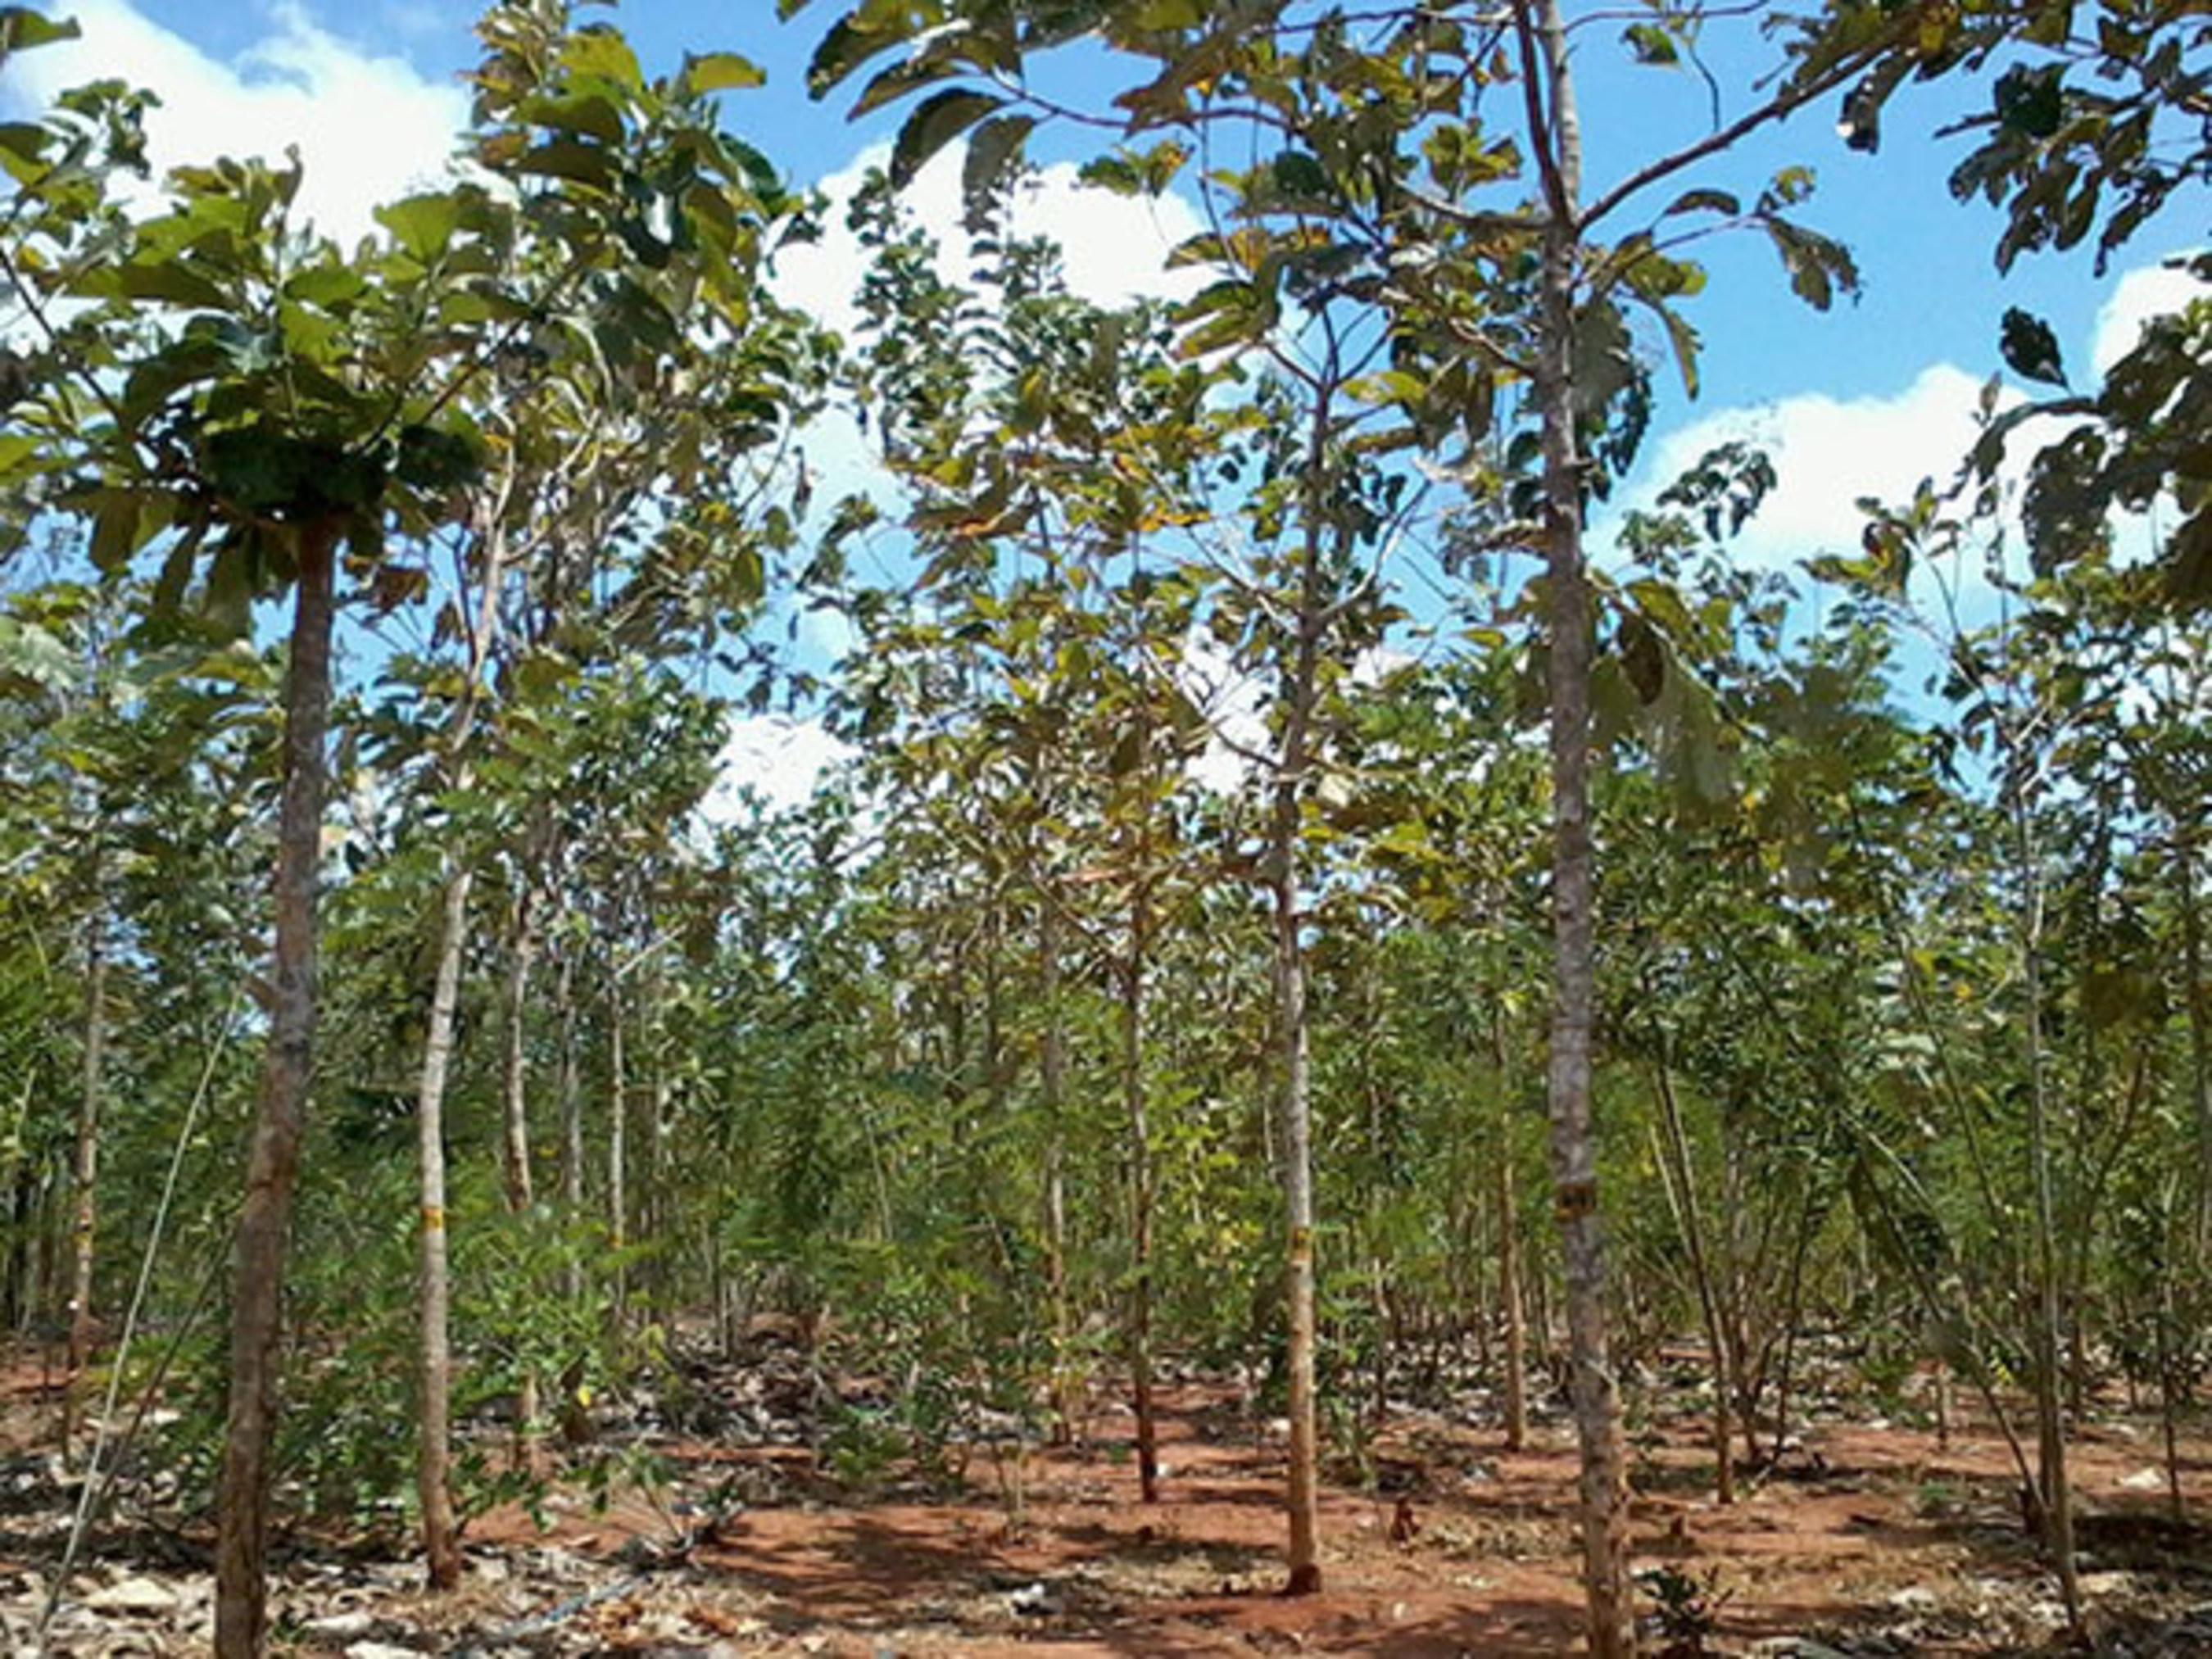 Asia Plantation Capital obtient un nouveau créneau commercial stimulant pour des plantations